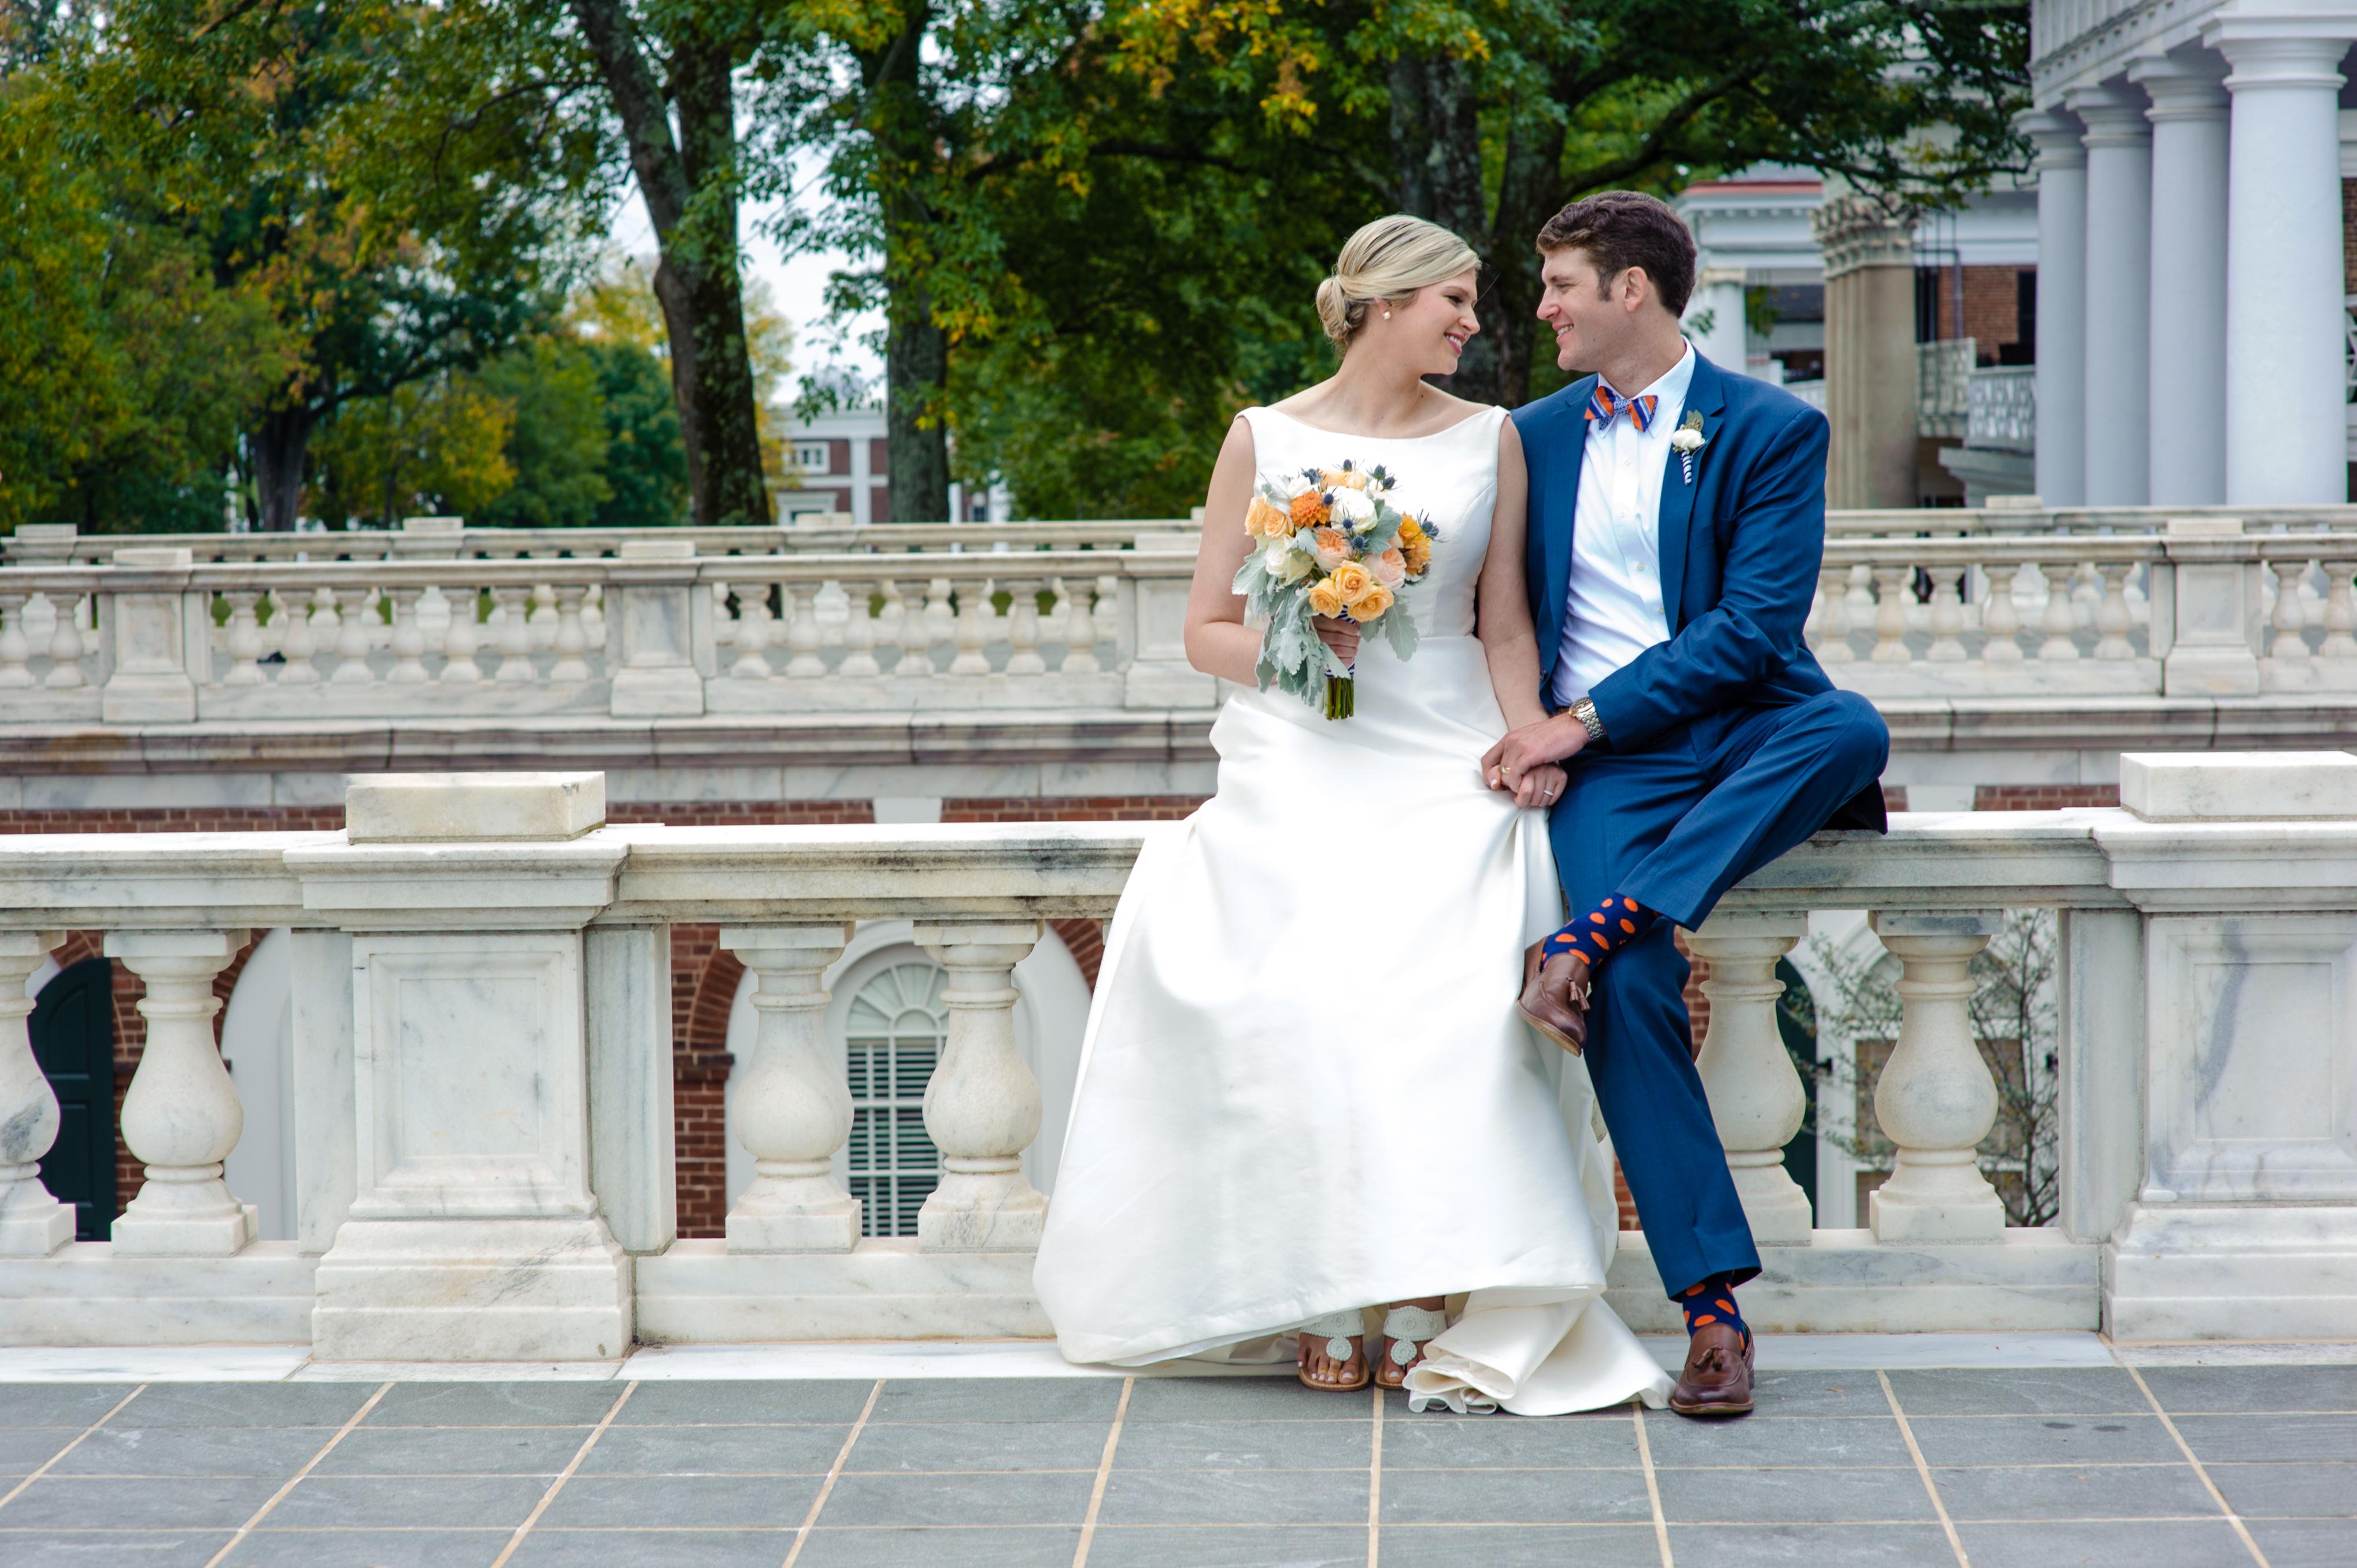 Wedding-at-UVA-campus